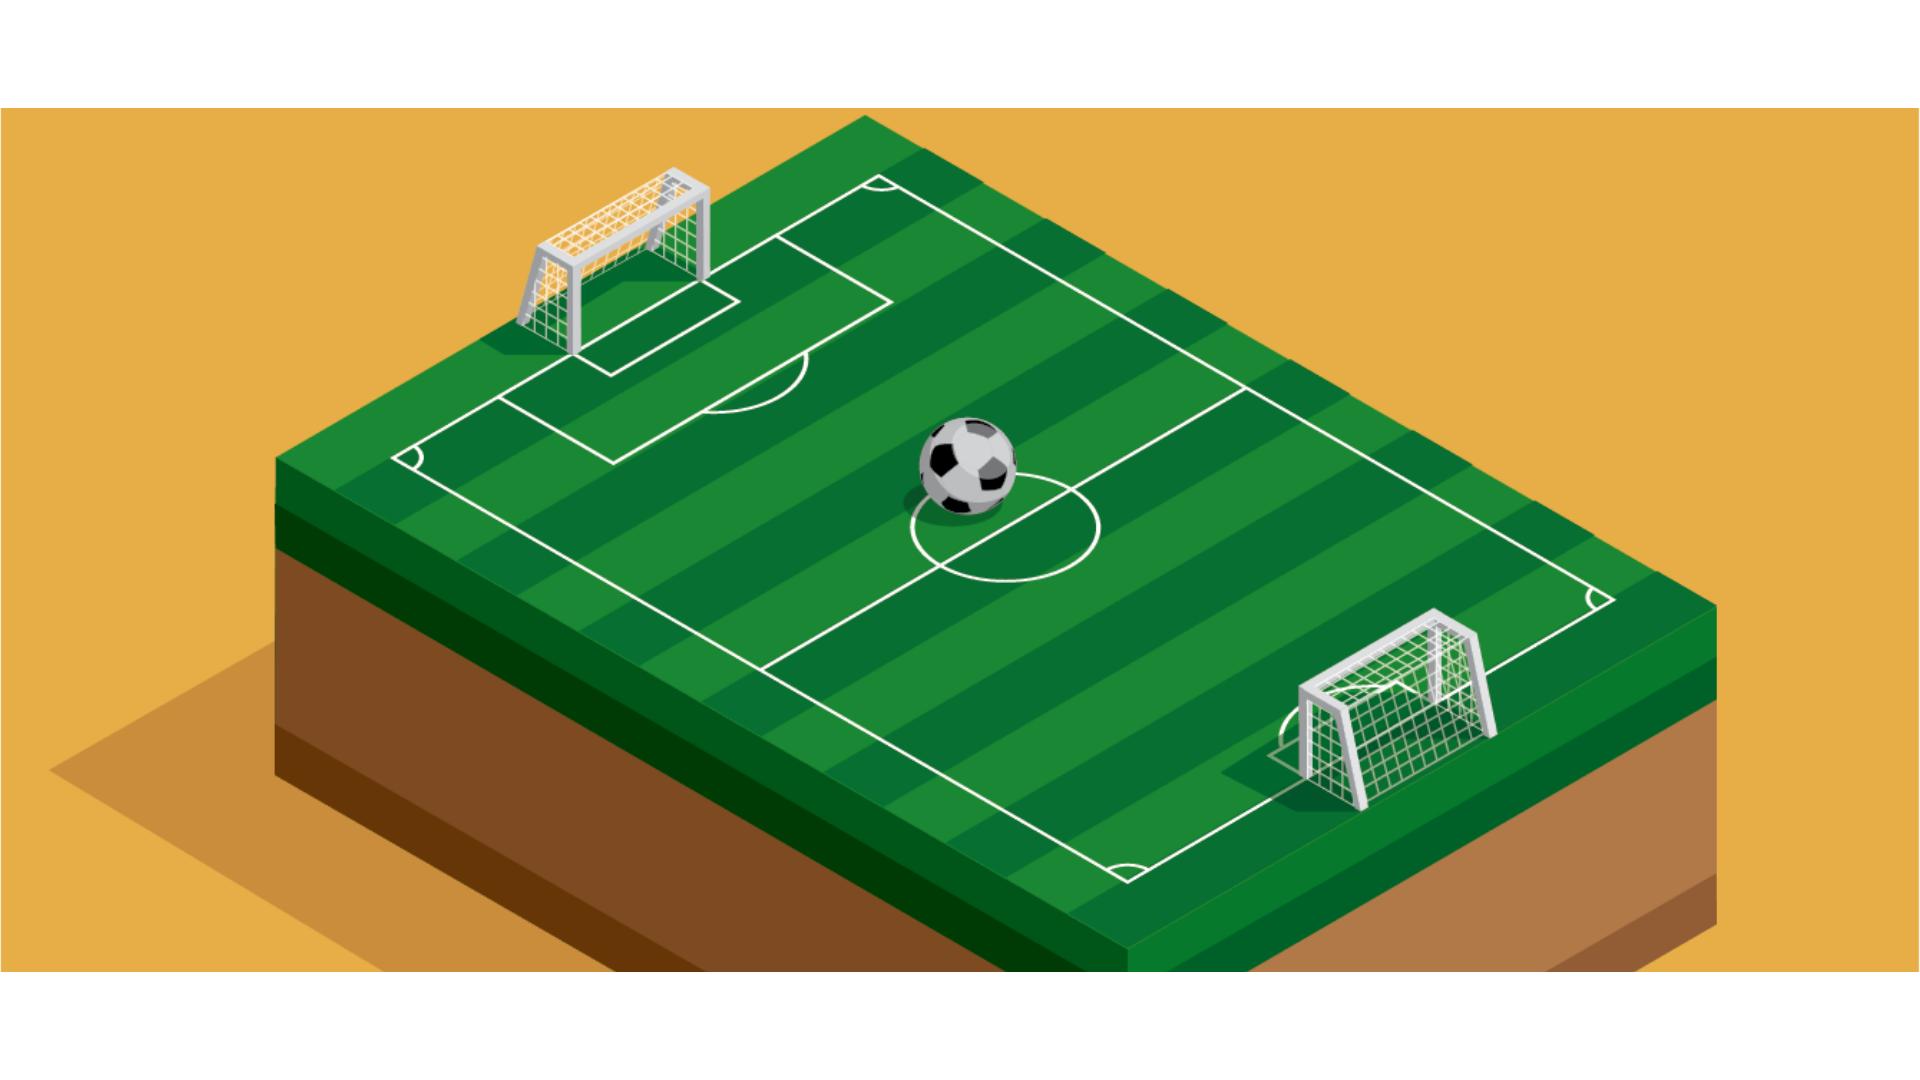 Futbol sahasına ait bir görsel.